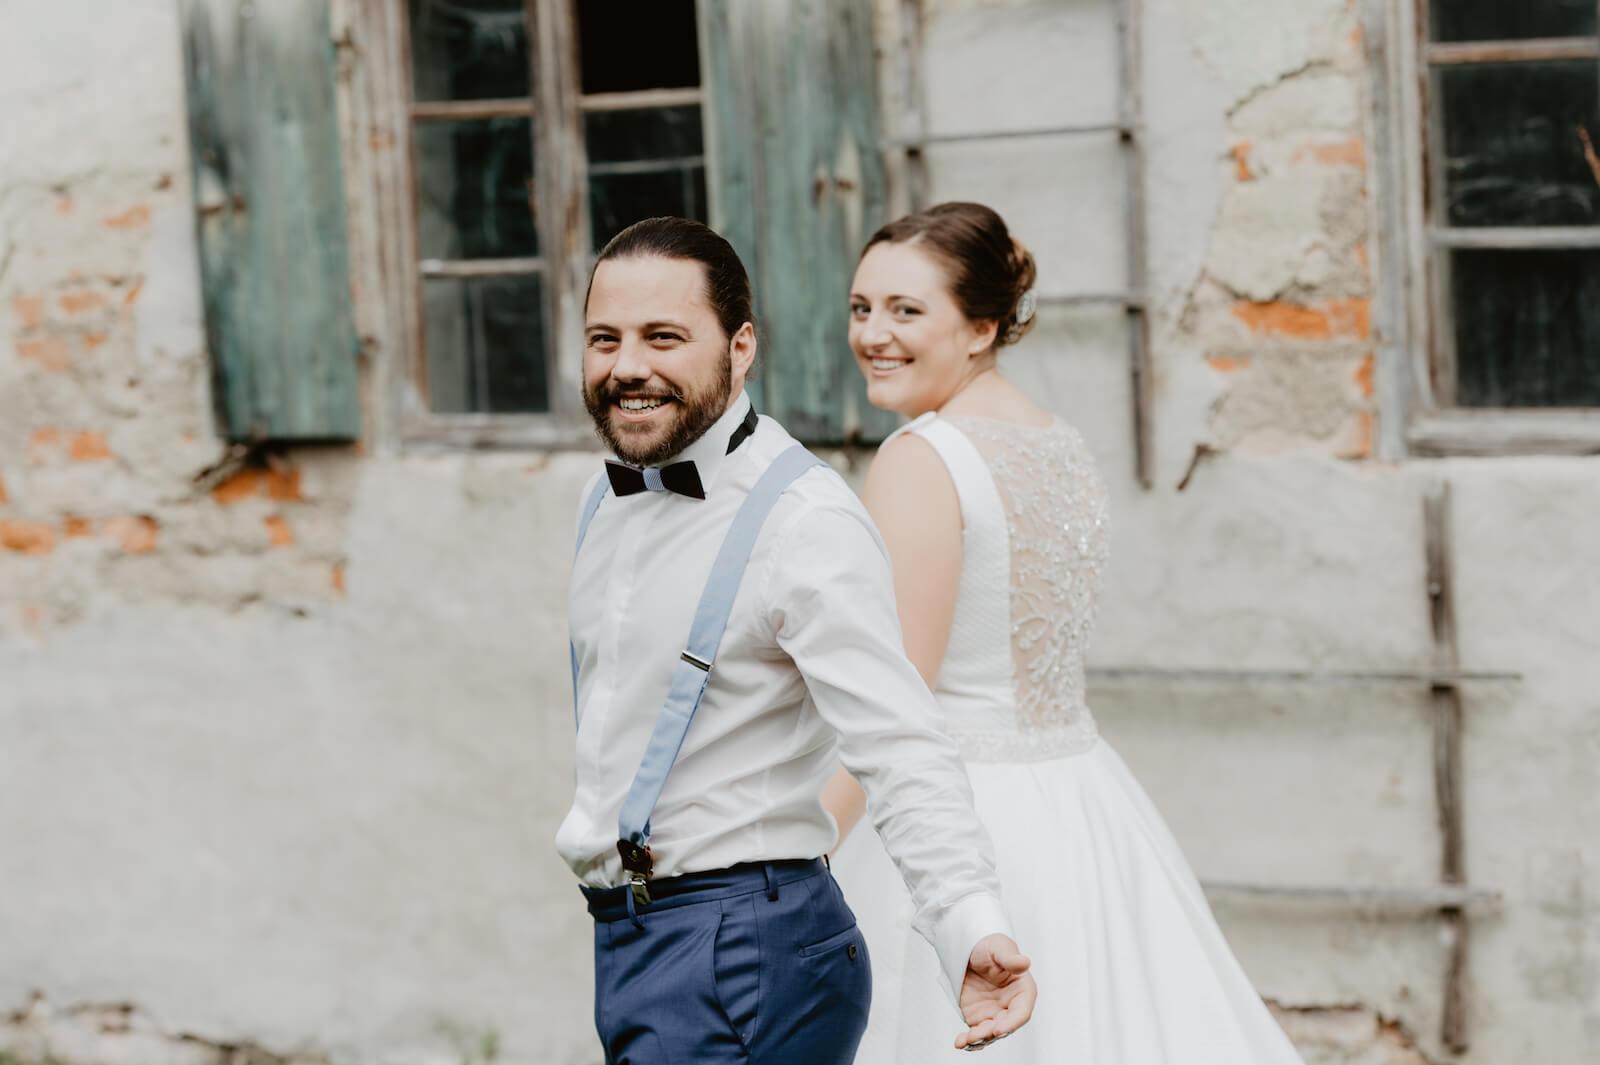 Gartenhochzeit Buchloe - Brautpaar während dem Fotoshooting